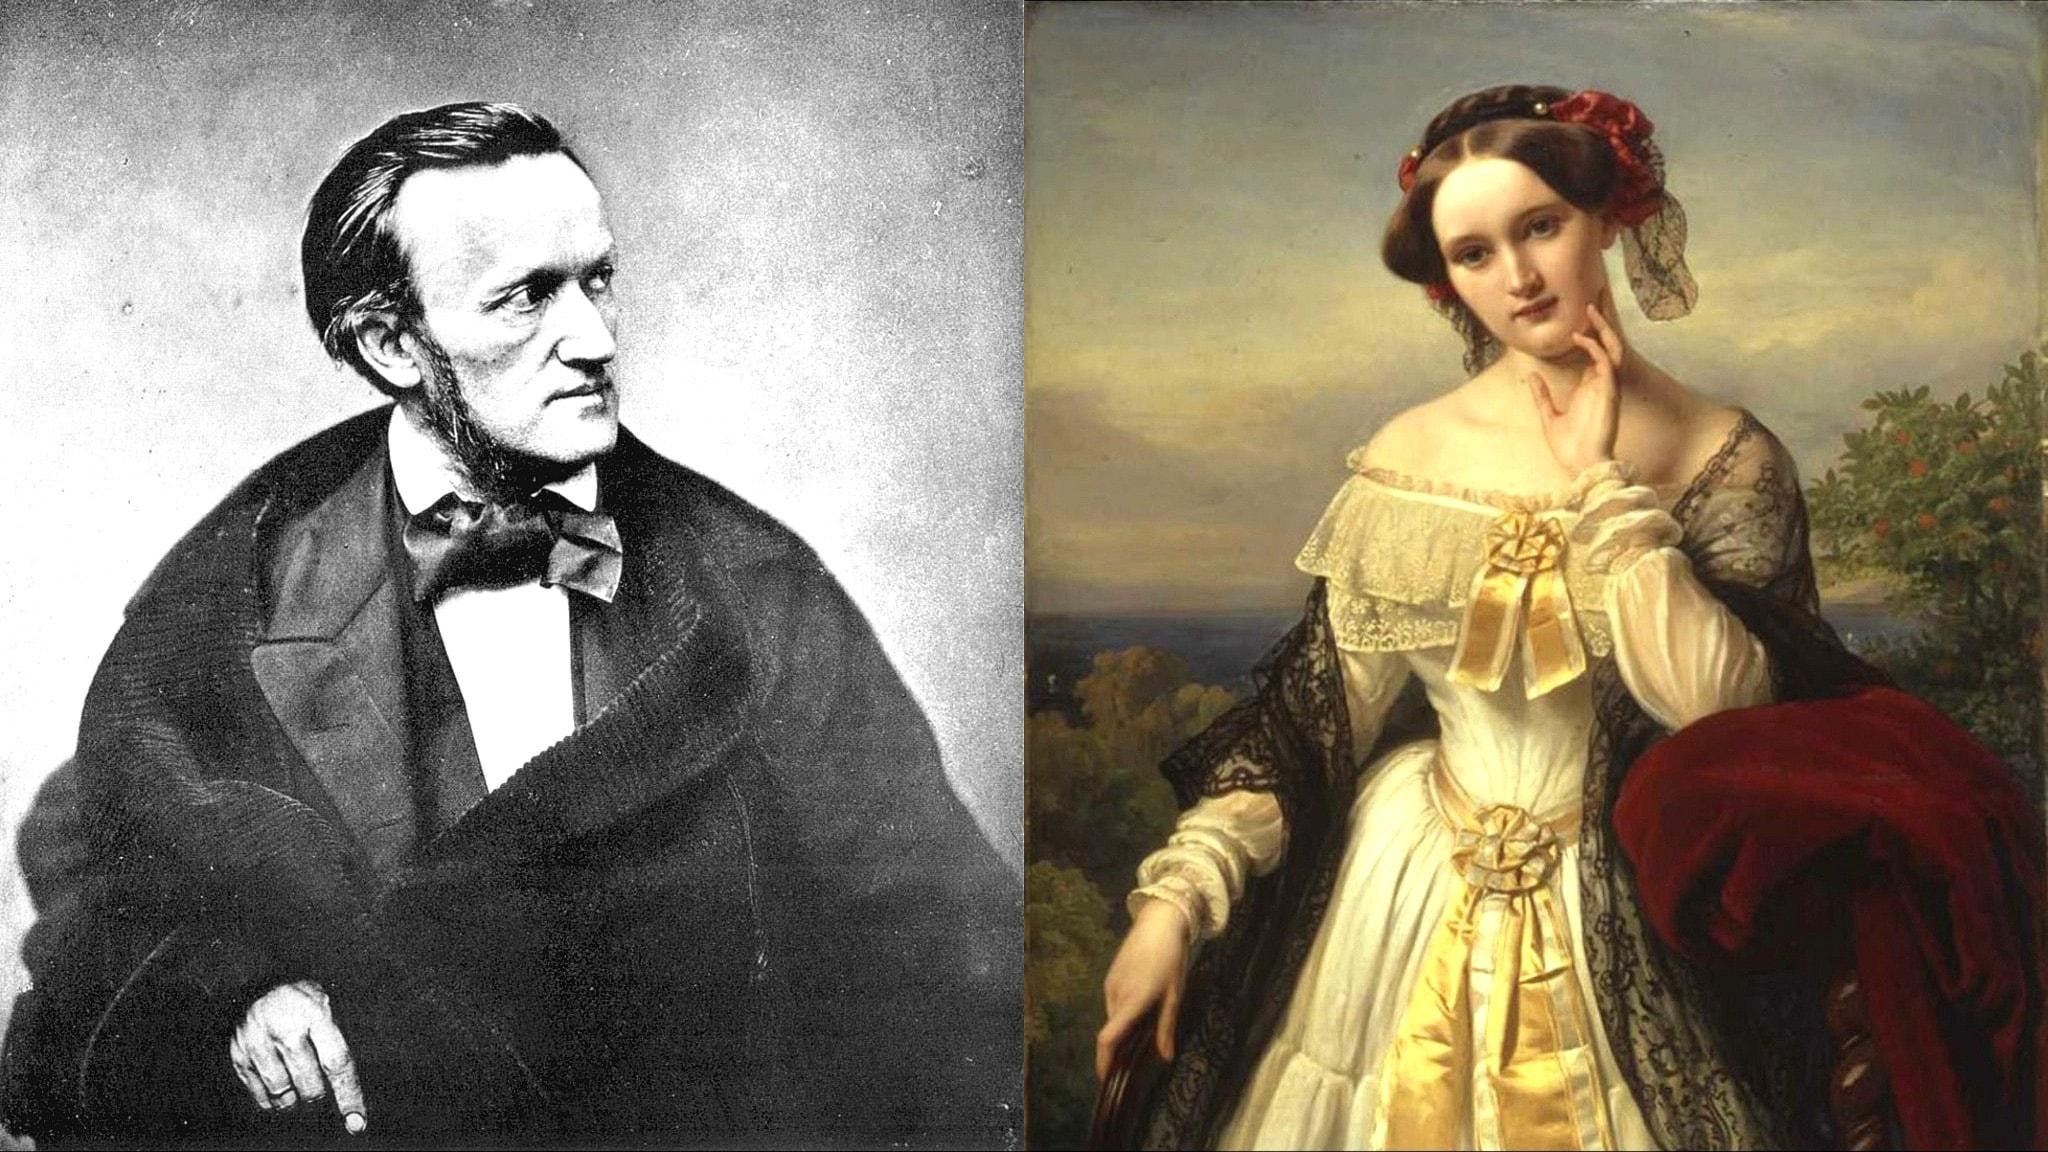 Richard Wagner/Mathilde Wesendonck (Pierre Petit/Karl Ferdinand Sohn)